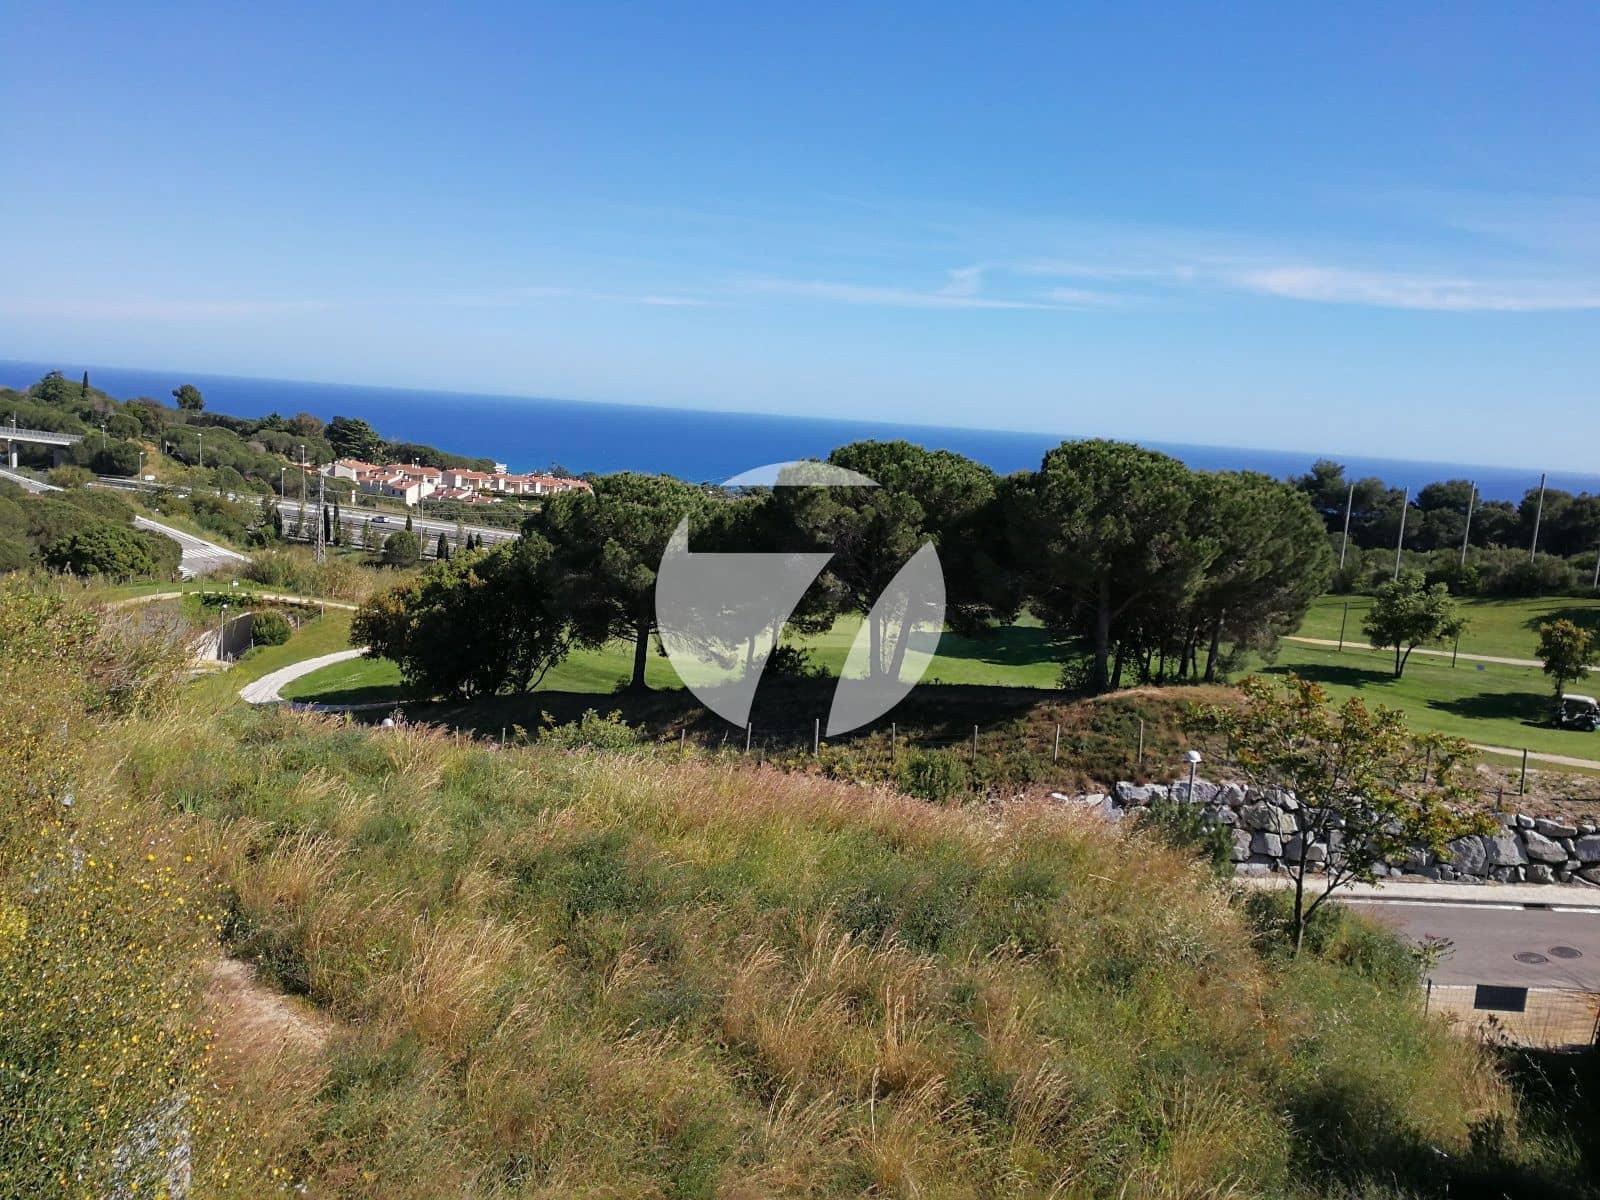 Terreno Não Urbanizado para venda em Sant Vicenc de Montalt - 289 000 € (Ref: 5385166)